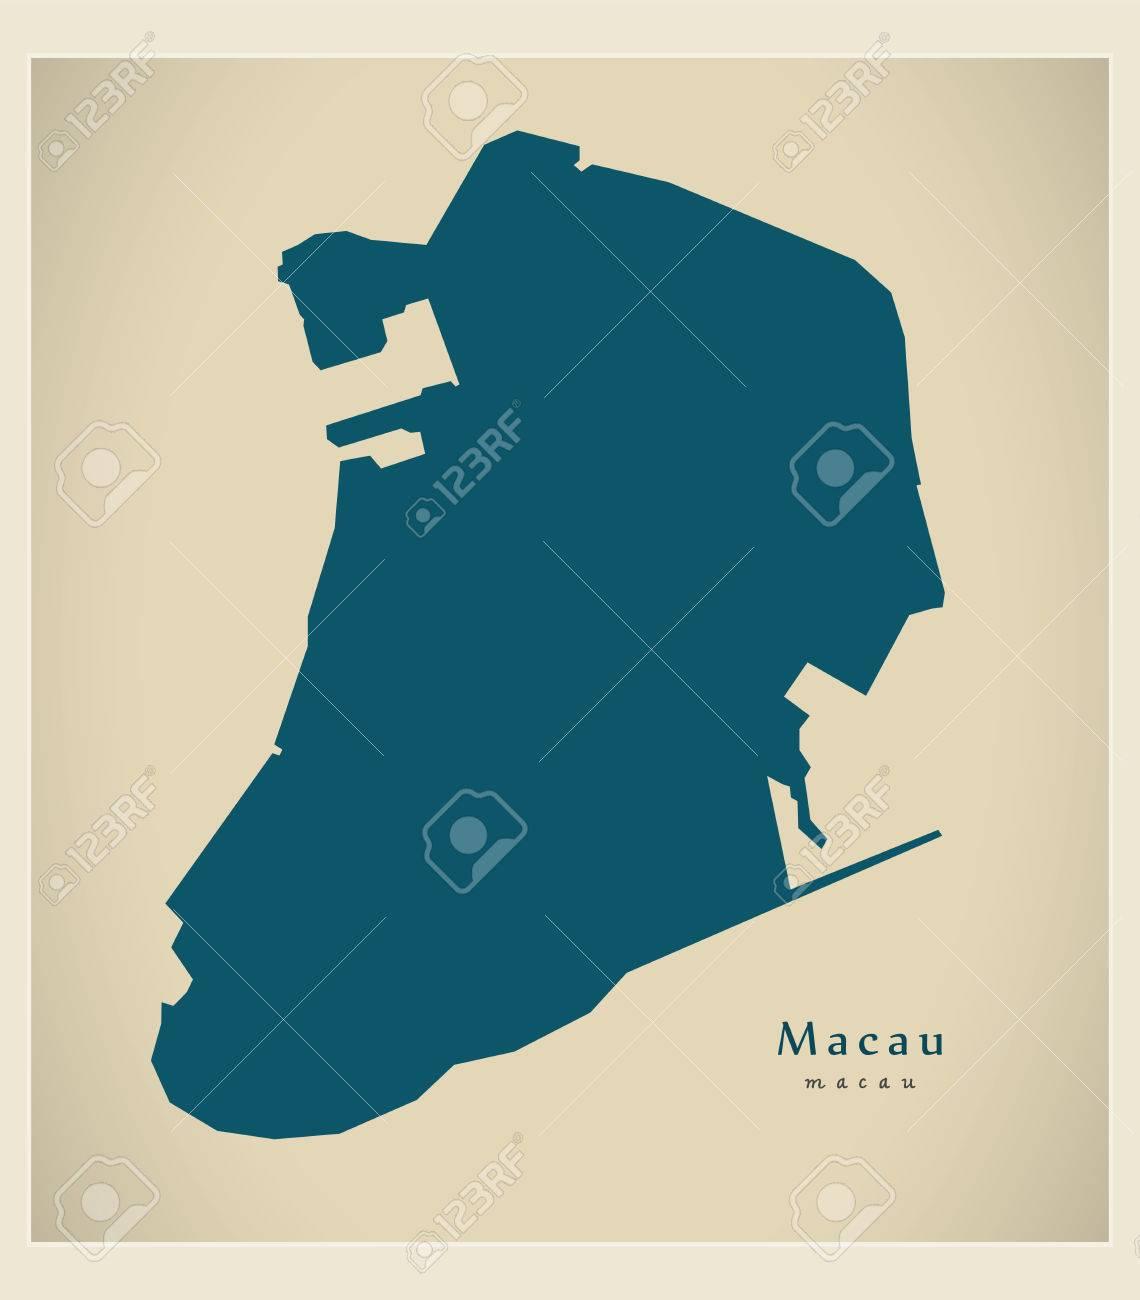 Modern Map - Macau CN region illustration silhouette - 73293089